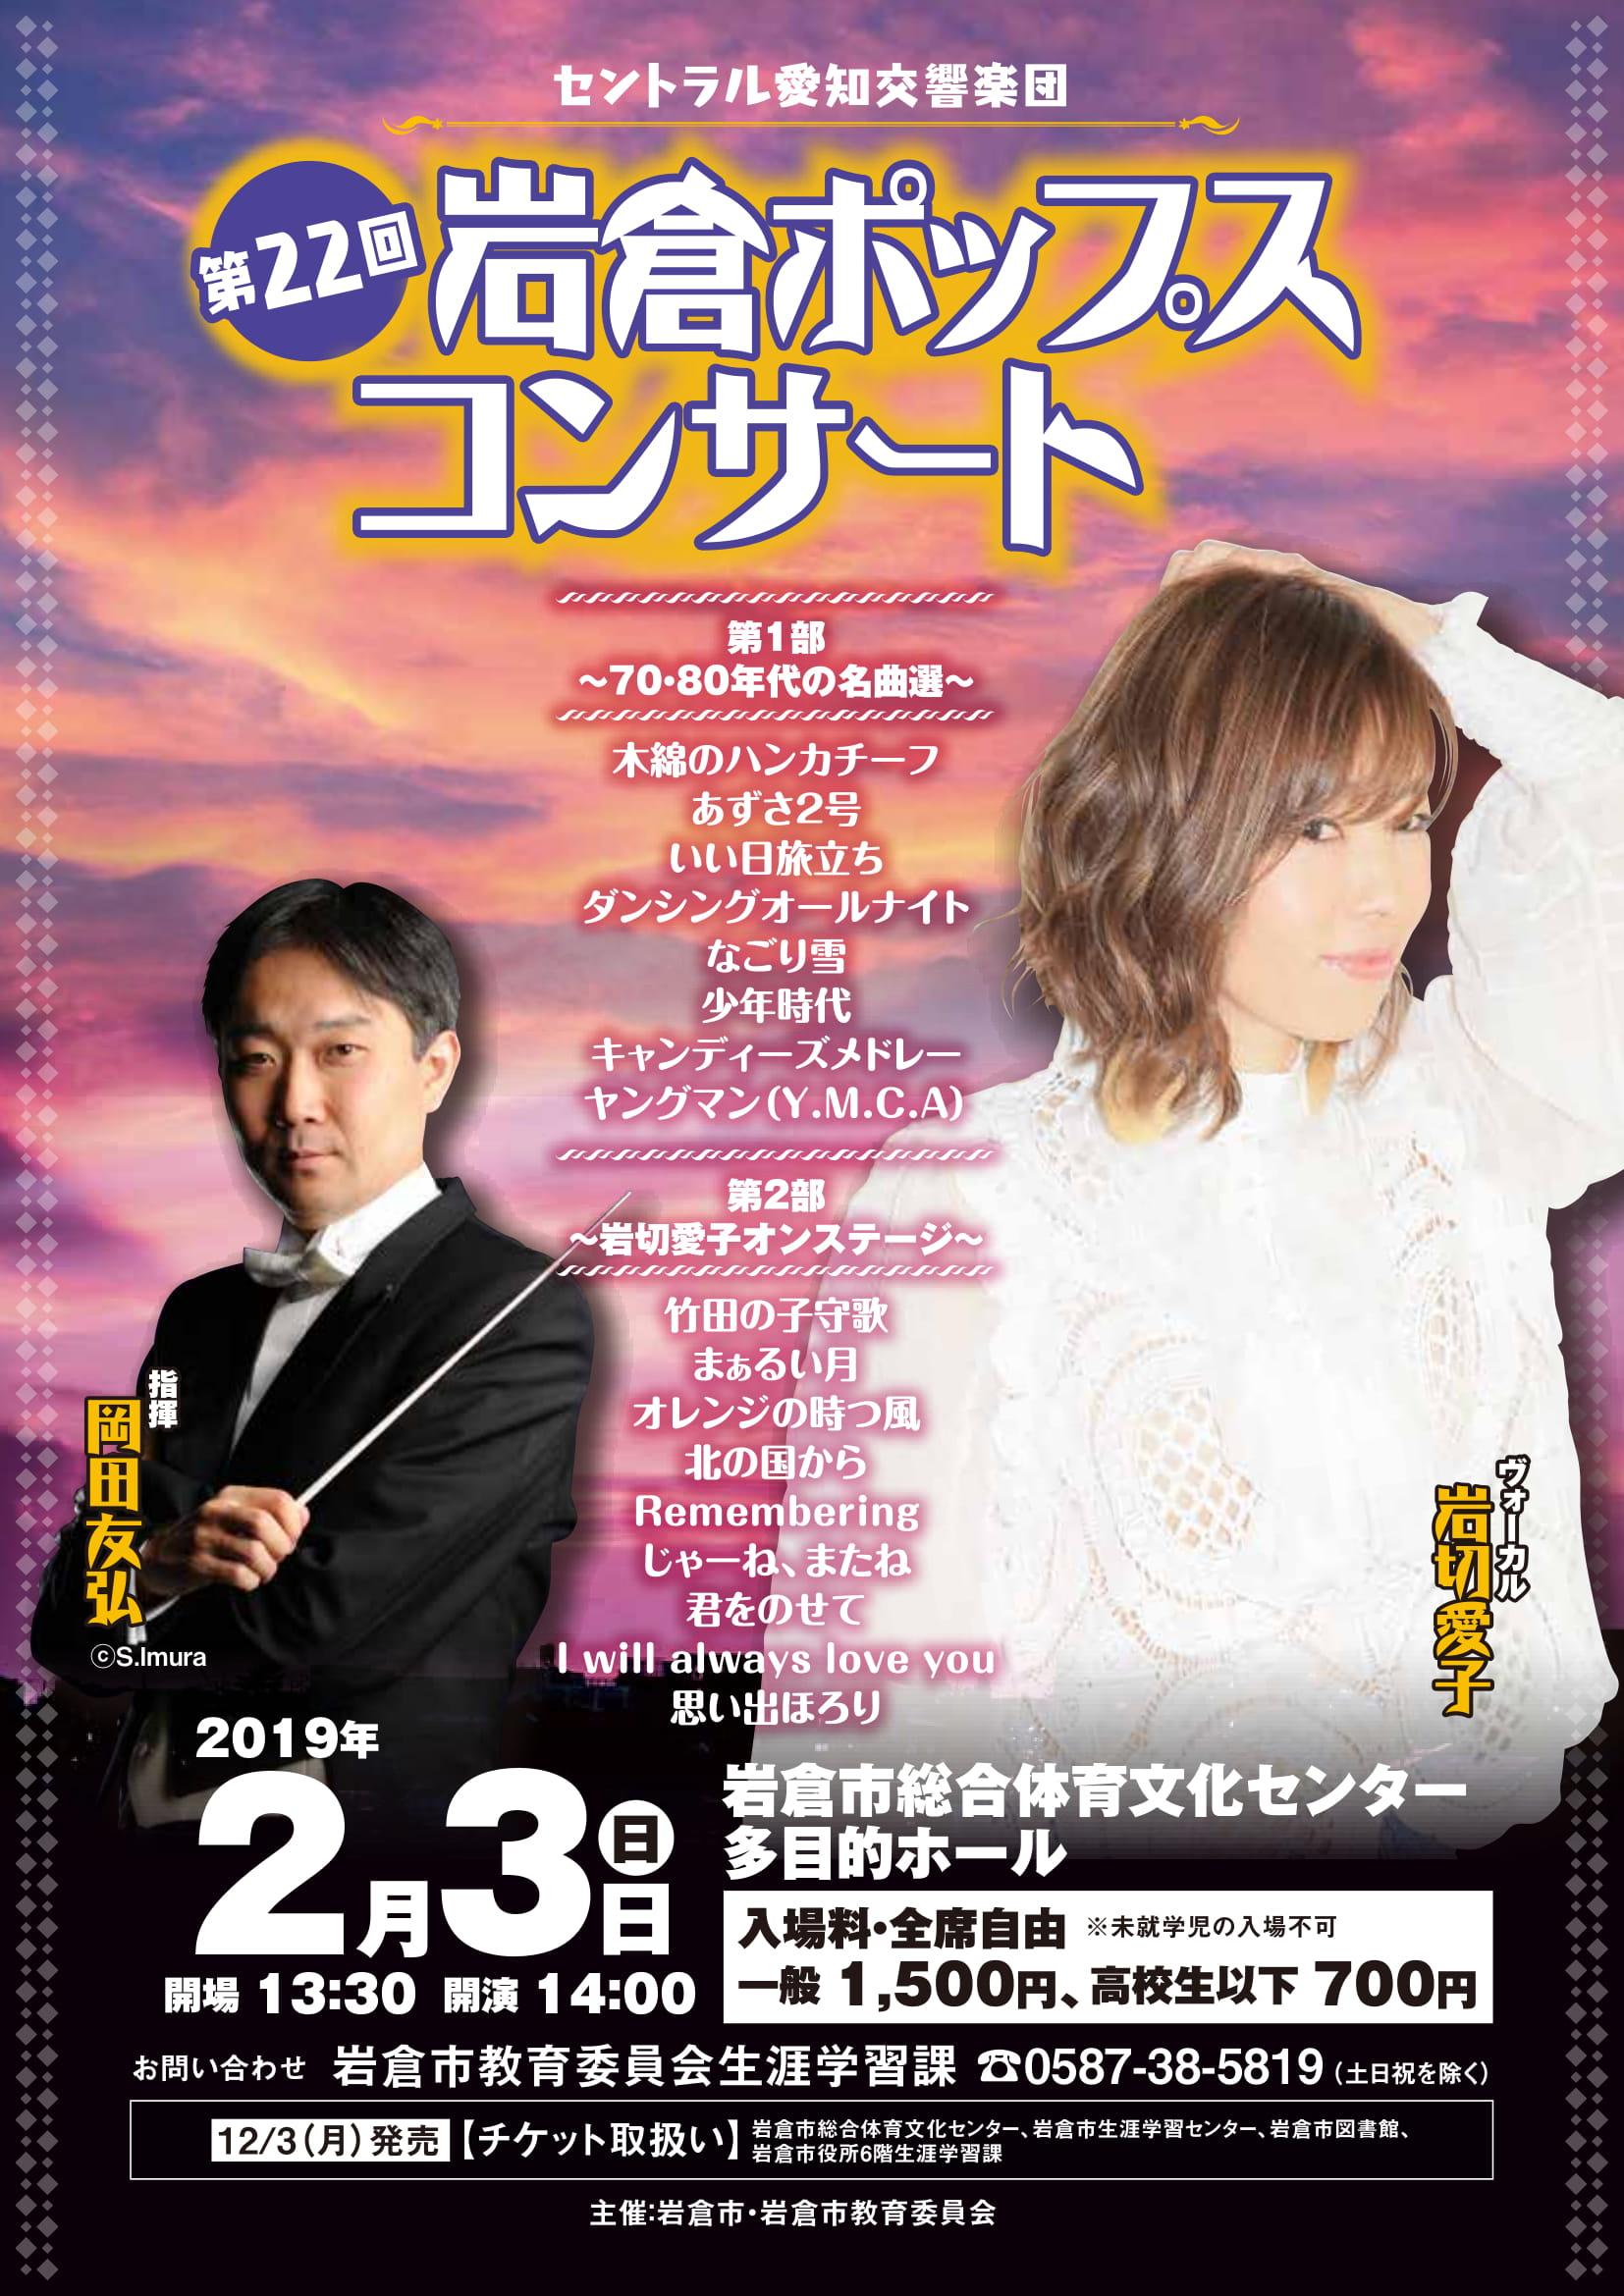 セントラル愛知交響楽団 第22回 岩倉ポップスコンサート